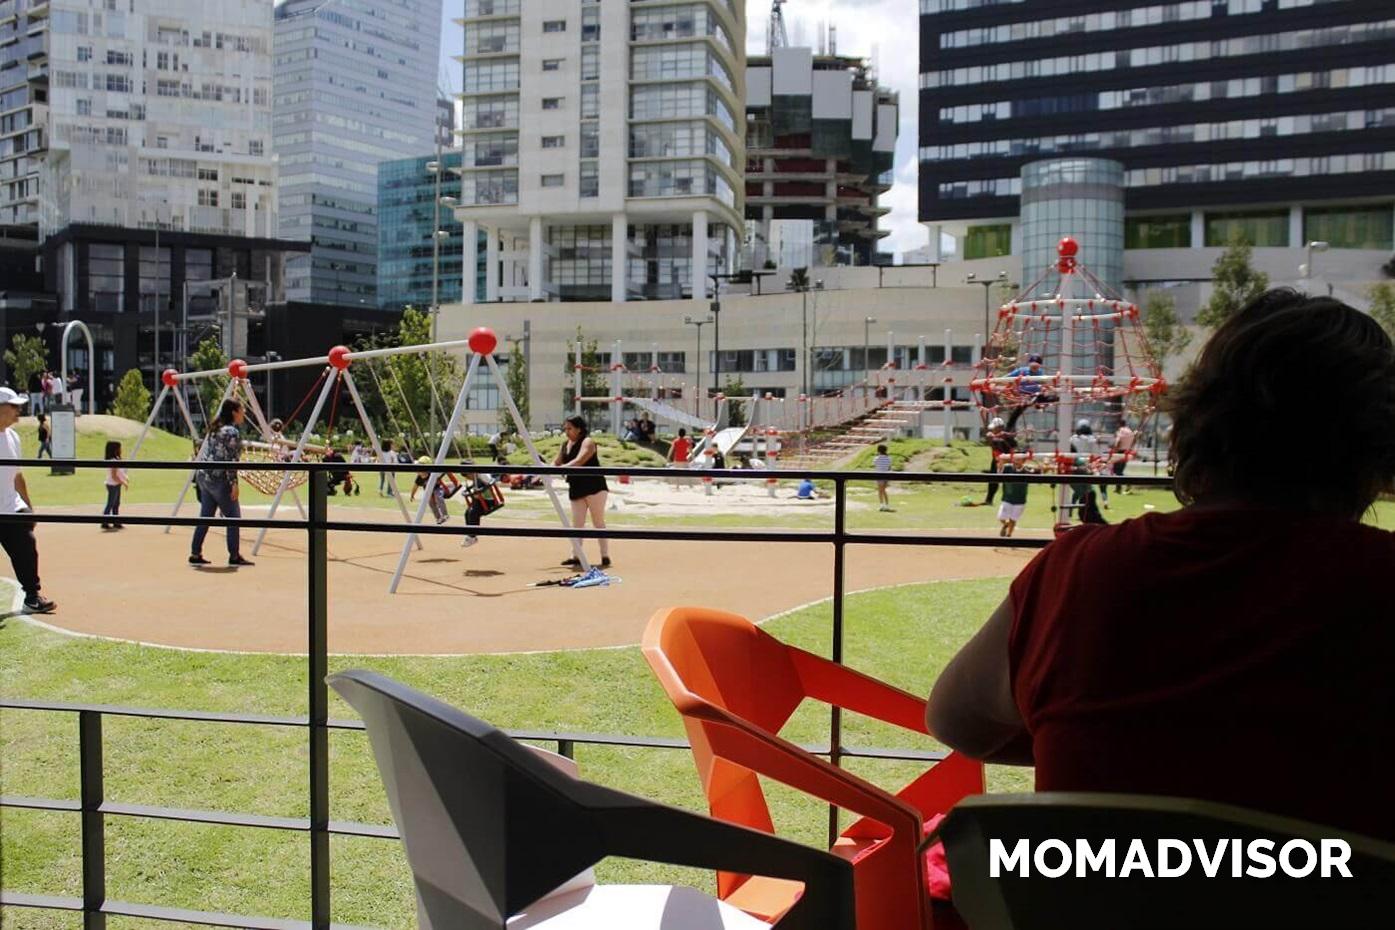 parque-la-mexicana-restaurante-vista-momadvisor-logo